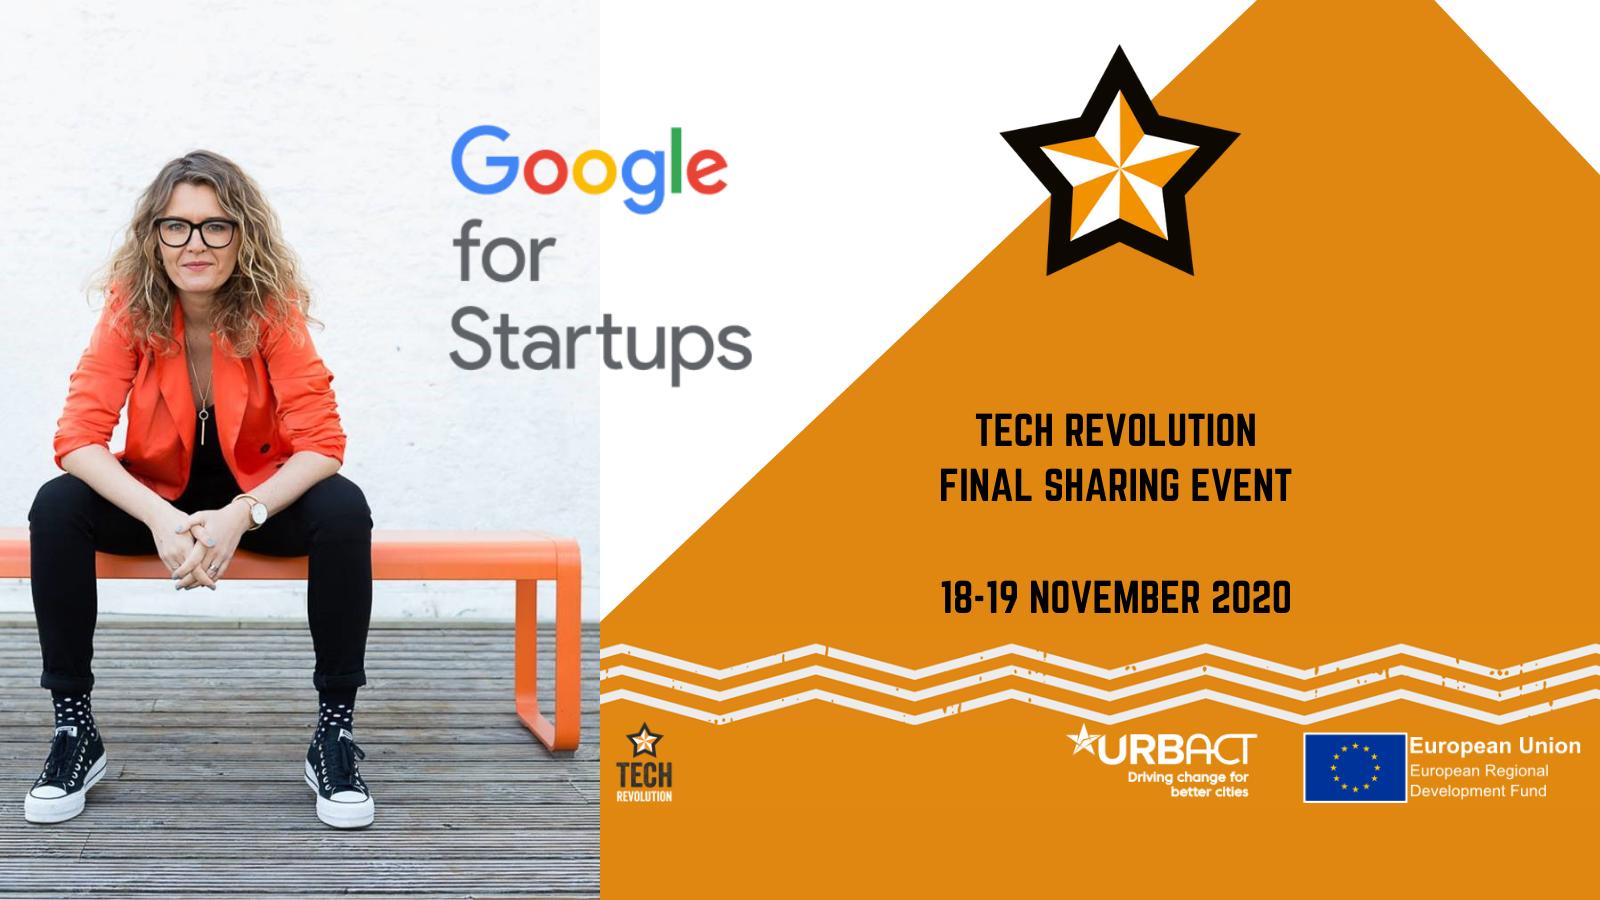 Tech Revolution Final Sharing Event - With Keynote from Head of UK Startups Marta Krupinska - DMC header image